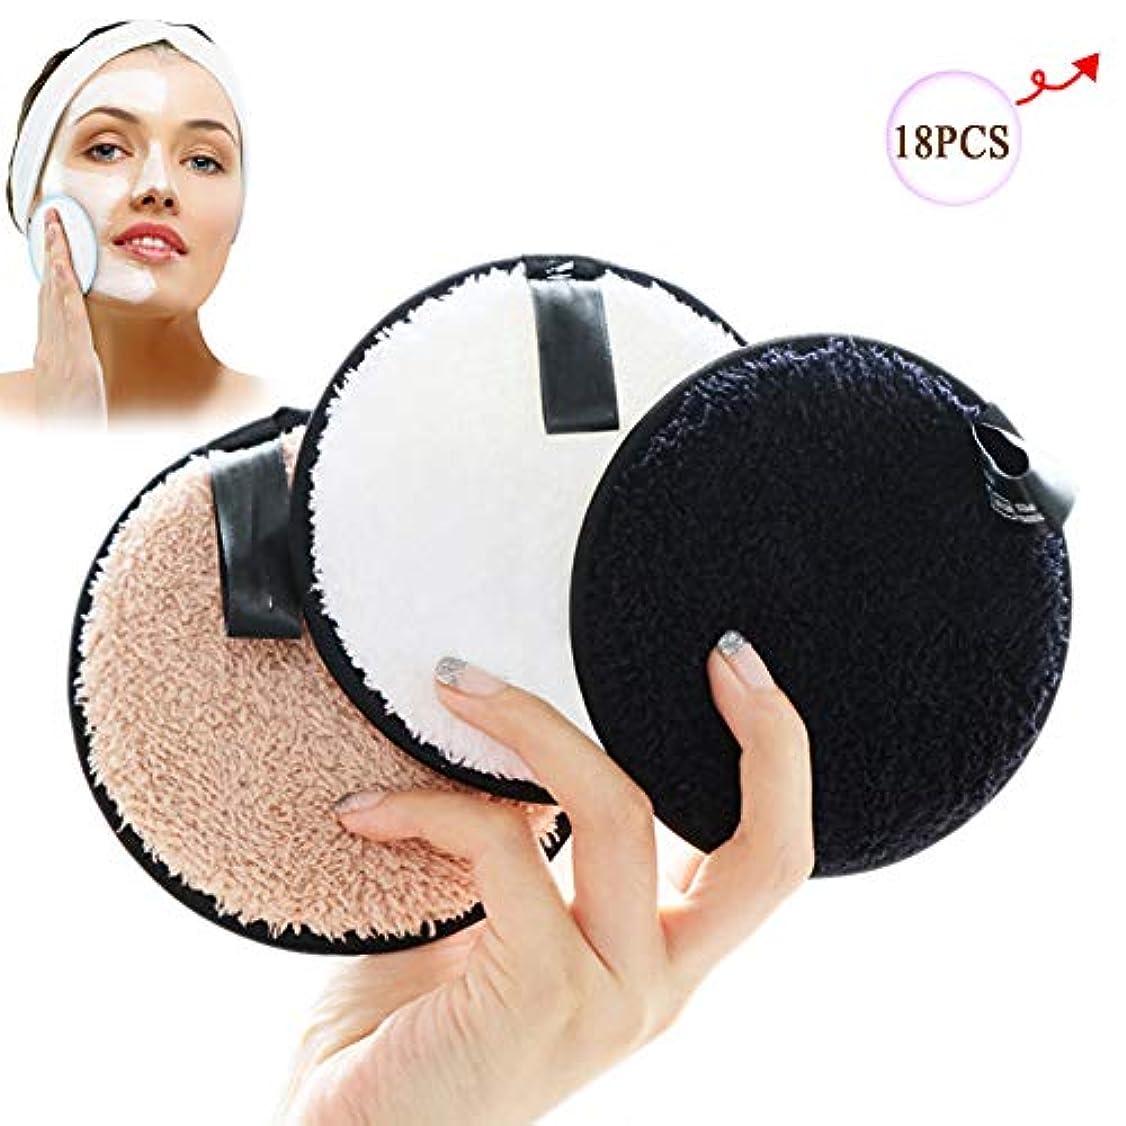 指定特許チャンピオン除去剤のパッド、女性の表面/目/唇のための再使用可能な清潔になる綿繊維の構造の除去剤のワイプ,18PCS